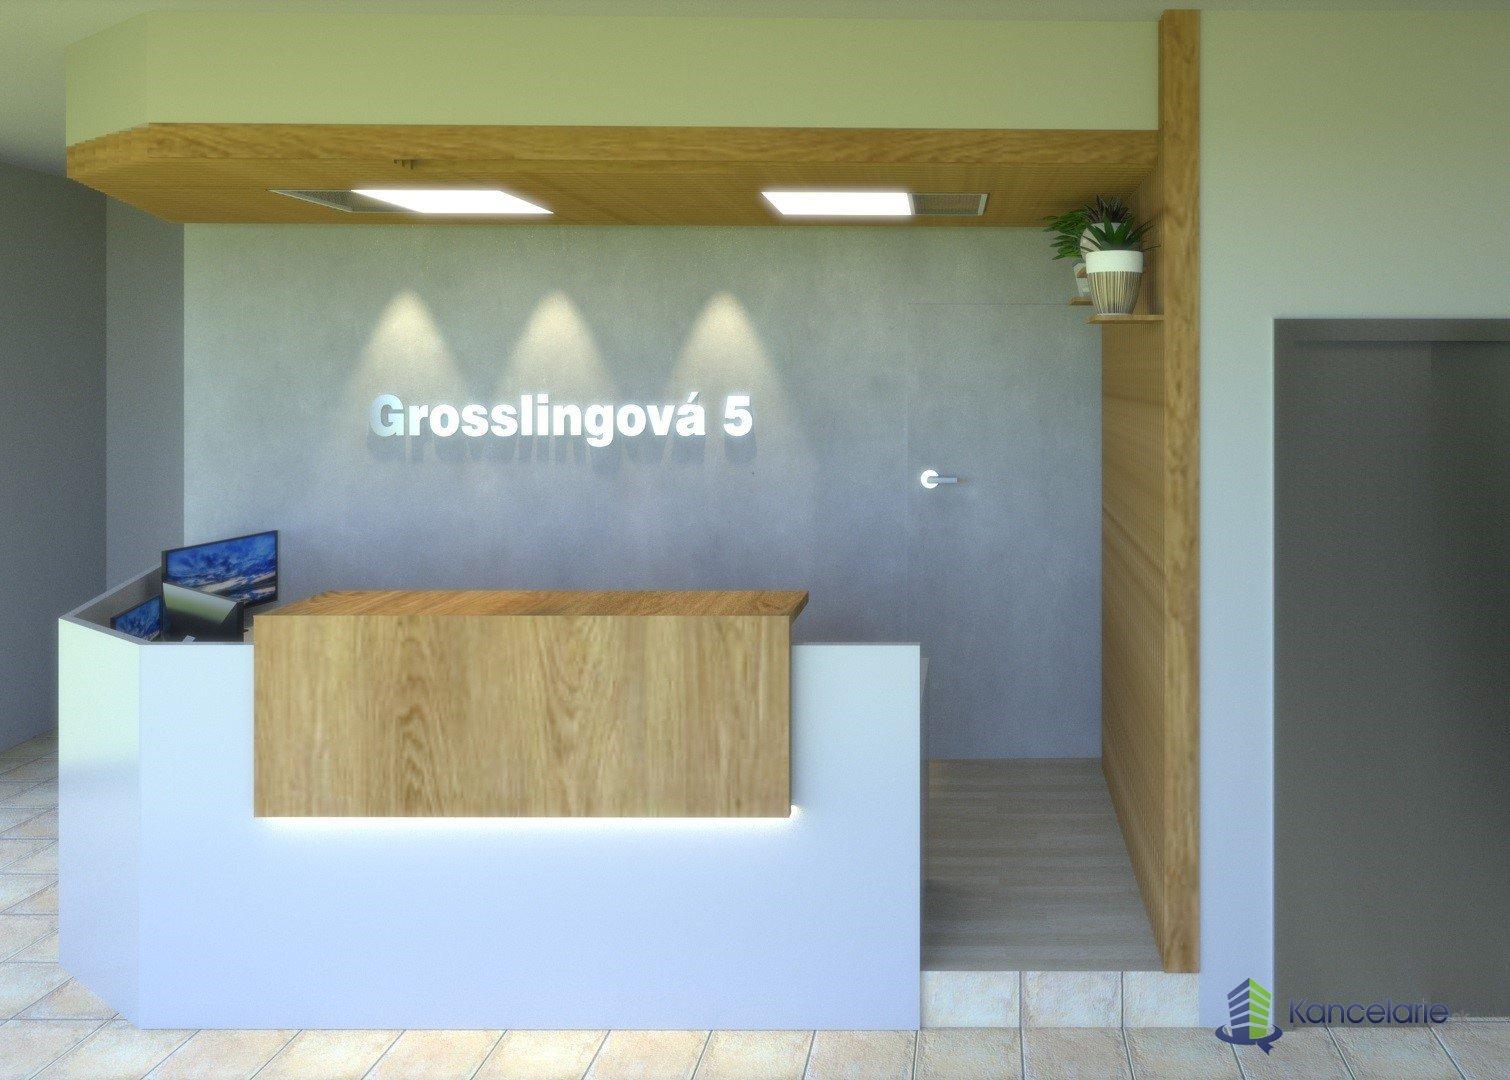 Grösslingová 5, Grösslingová 5, Bratislava, Grösslingová 5, Bratislava